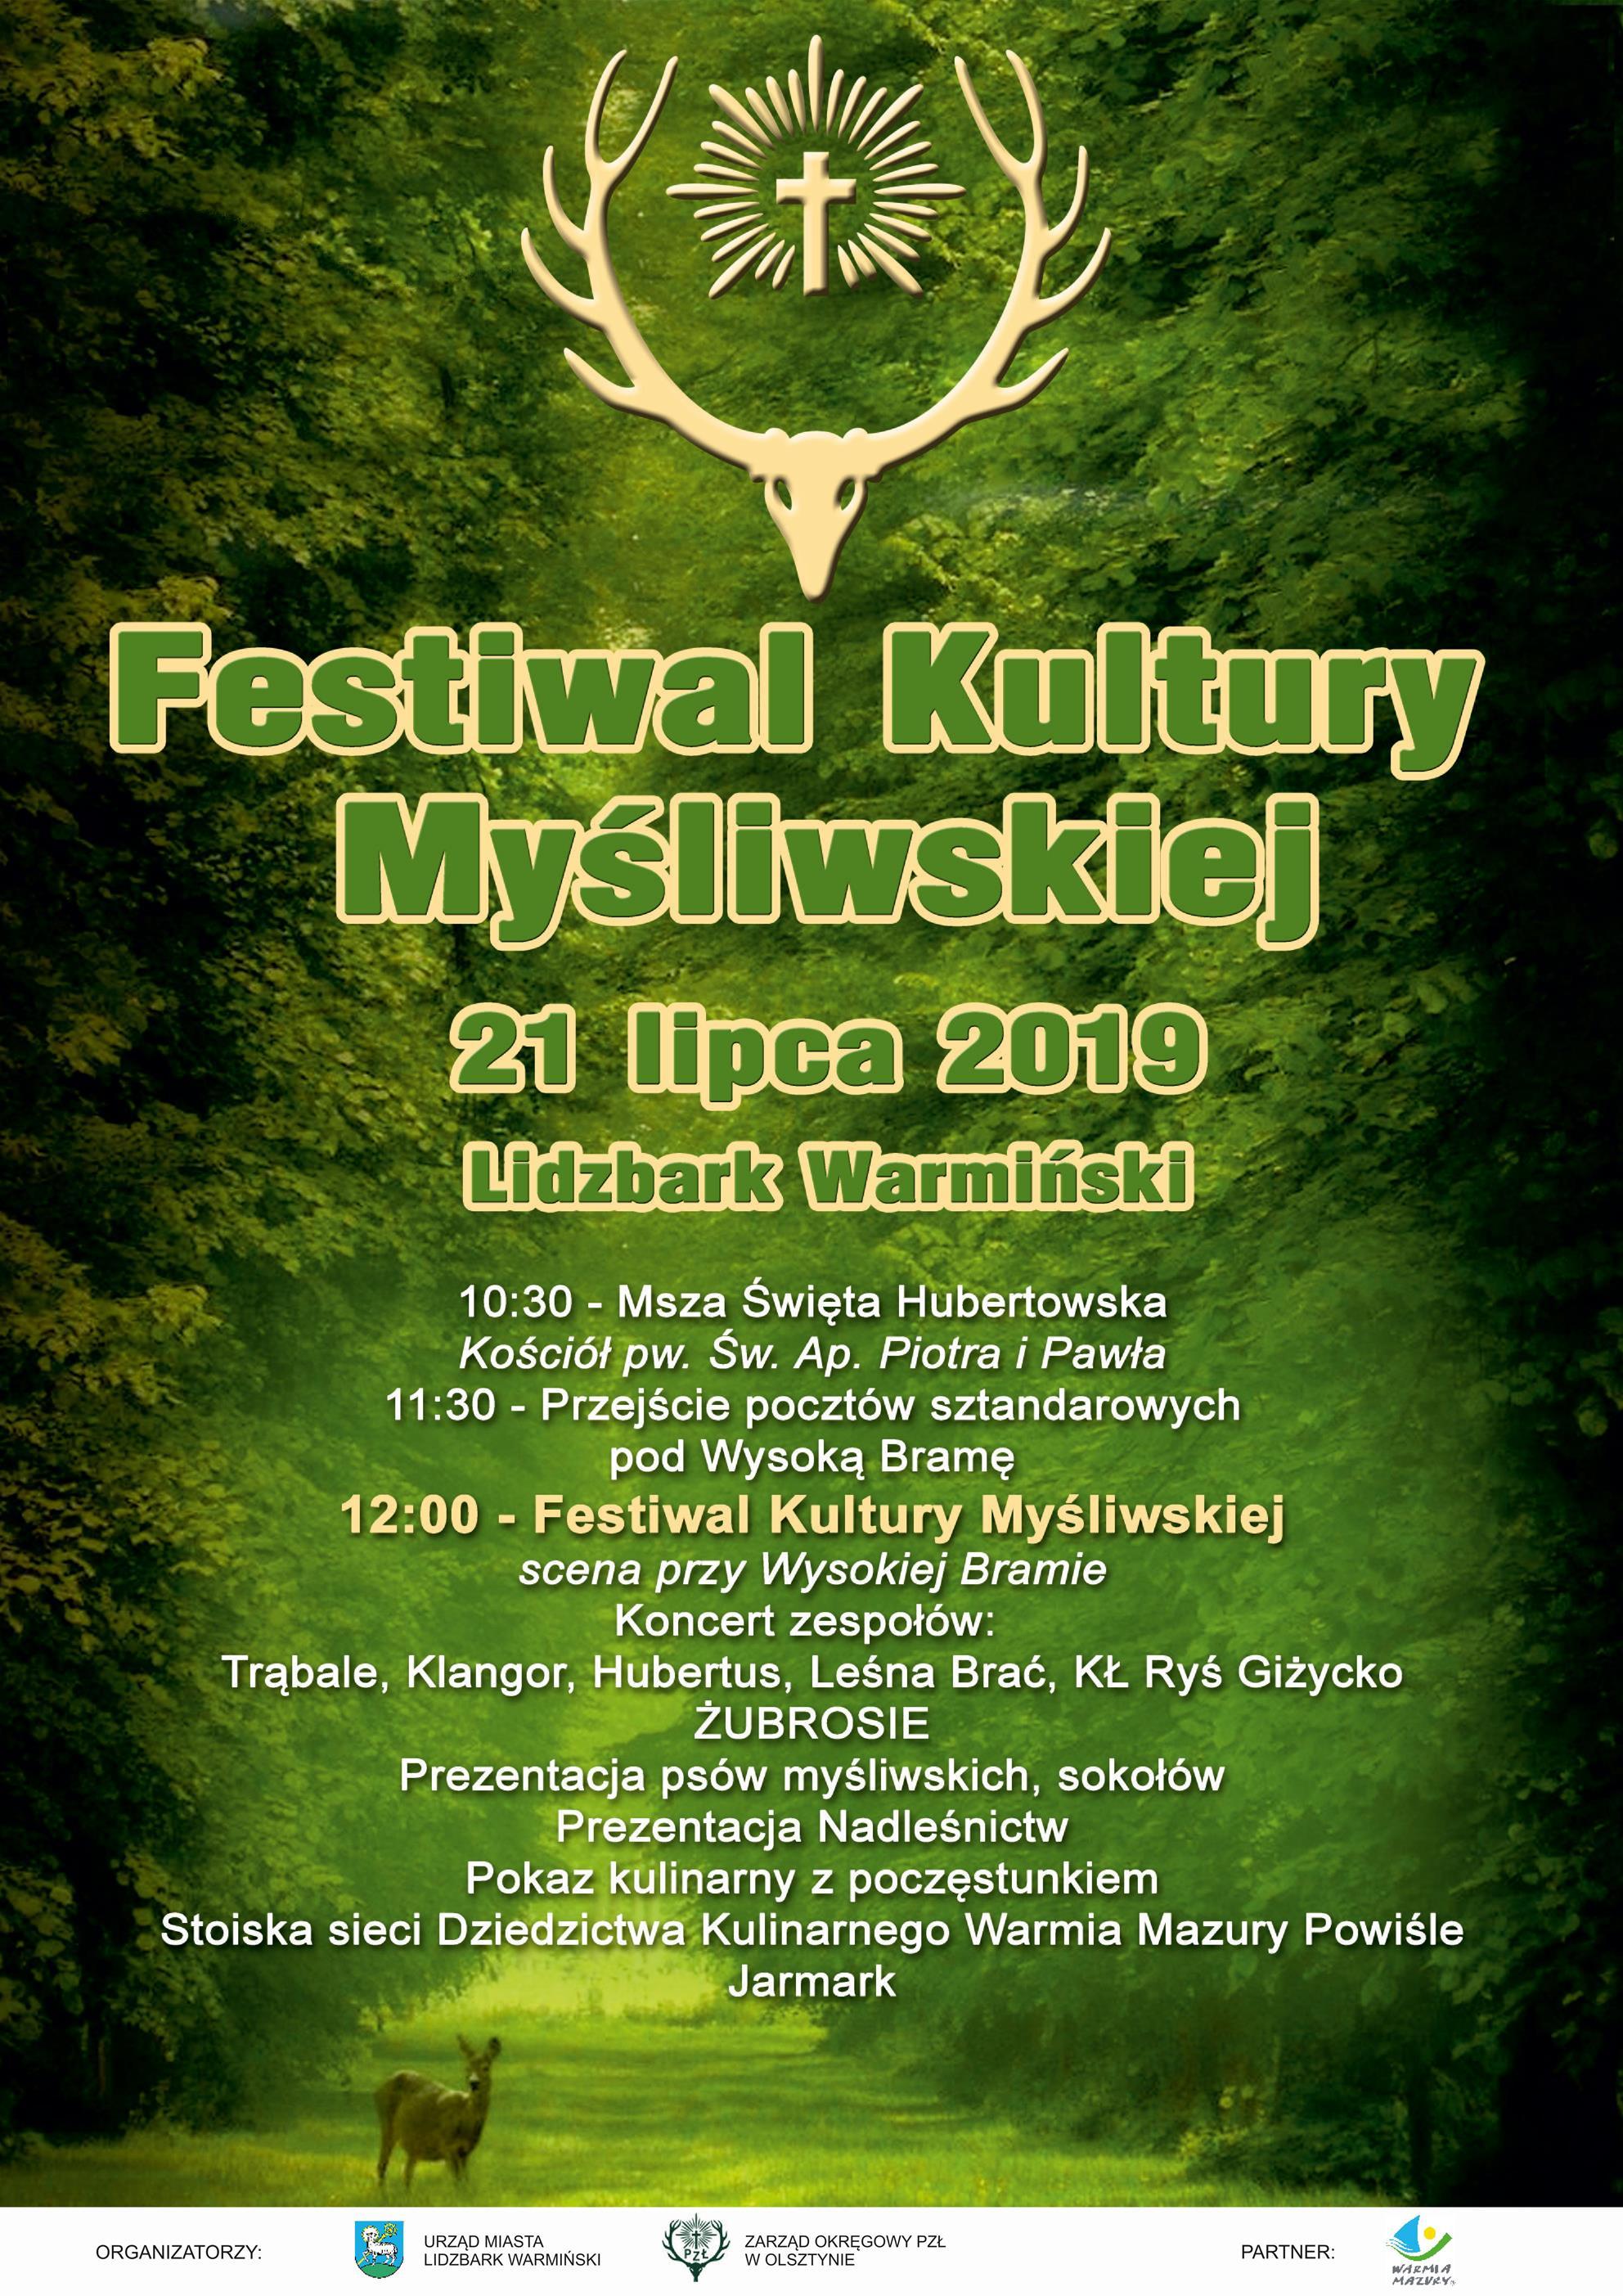 Festiwal Kultury Myśliwskiej 2019